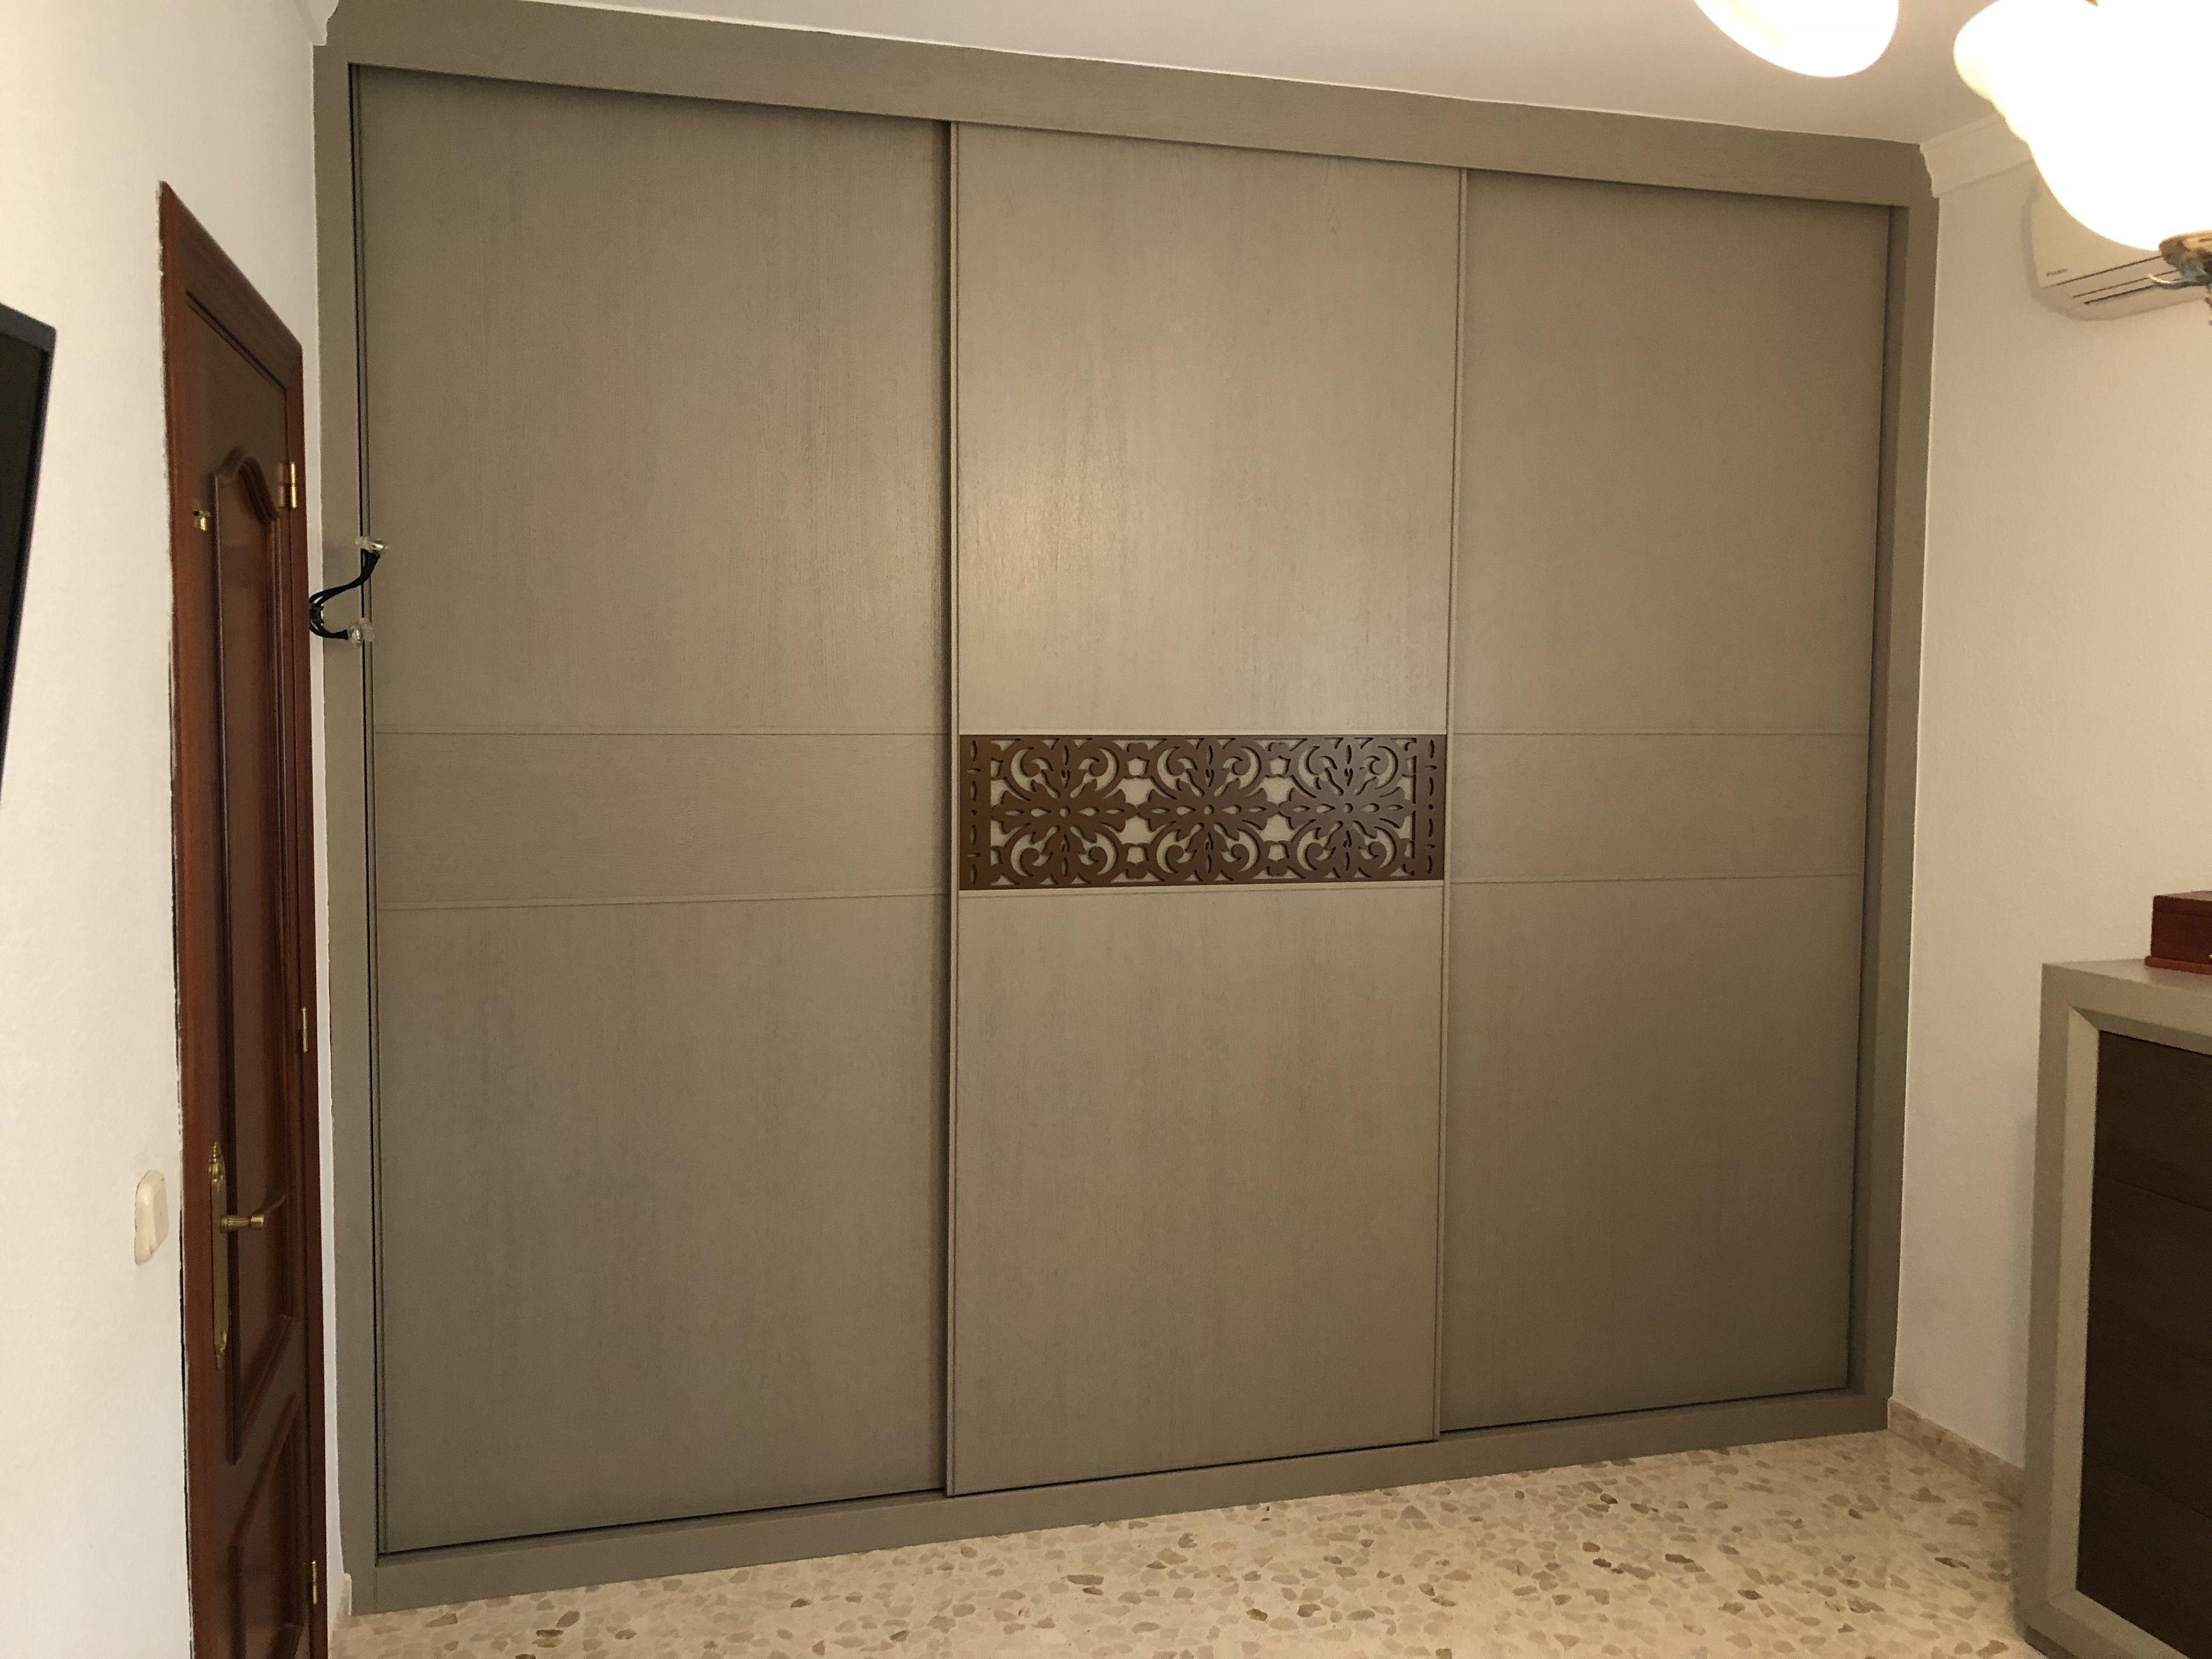 Armario Tres Hojas Correderas Combinadas Con Celosia Armakor Armarios Interiores Decoracion De Unas